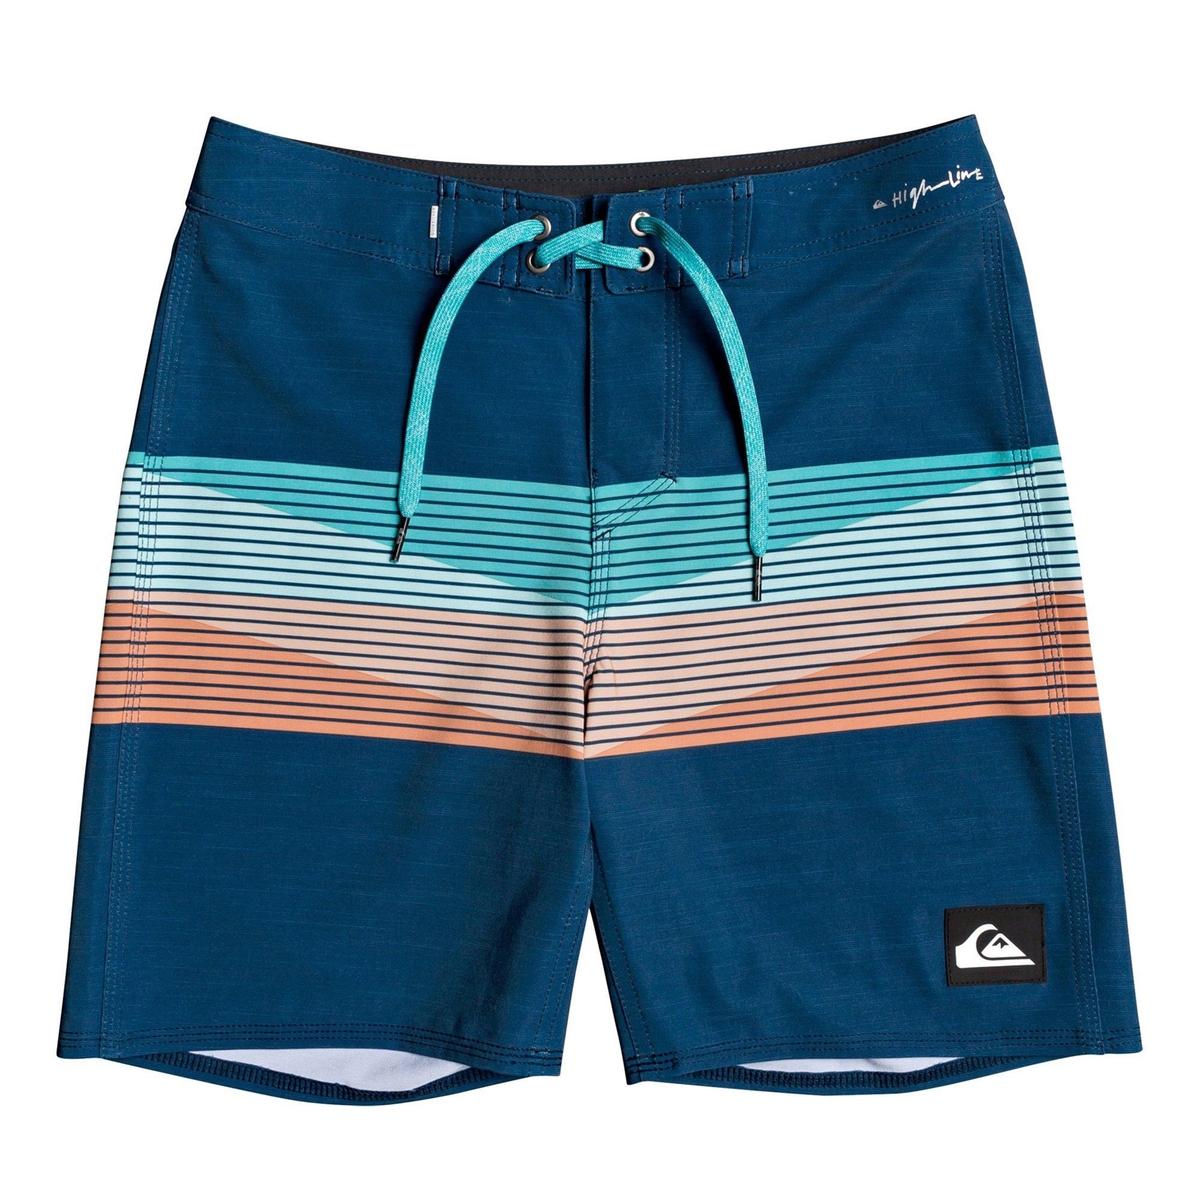 Шорты La Redoute Пляжные 8 лет - 126 см синий шорты la redoute плавательные с принтом крабы 8 лет 126 см синий